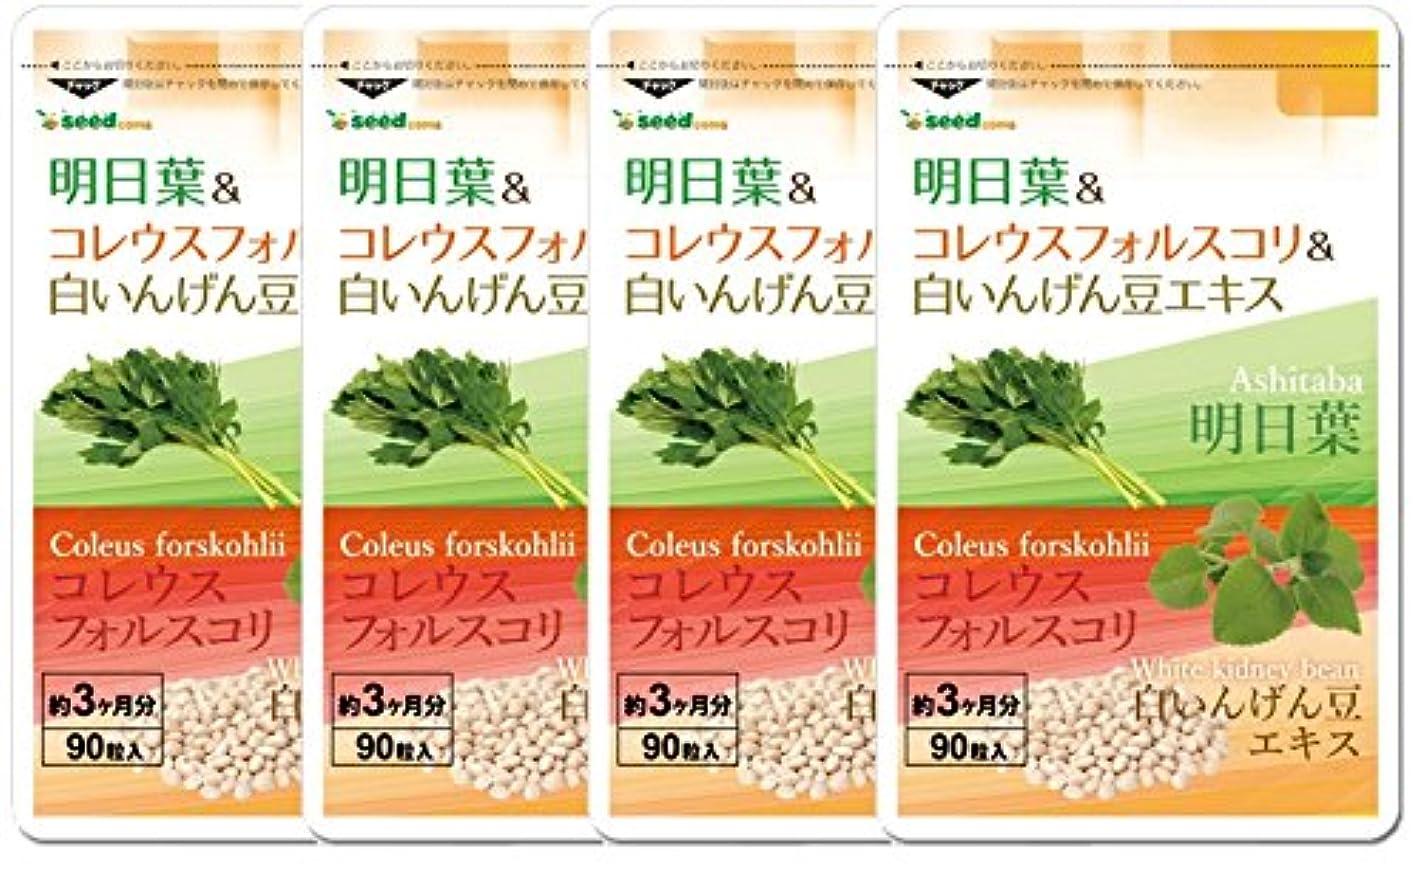 前書き存在する息切れ明日葉&コレウスフォルスコリ&白いんげん豆エキス (約12ヶ月分/360粒) スッキリ&燃焼系&糖質バリアの3大ダイエット成分